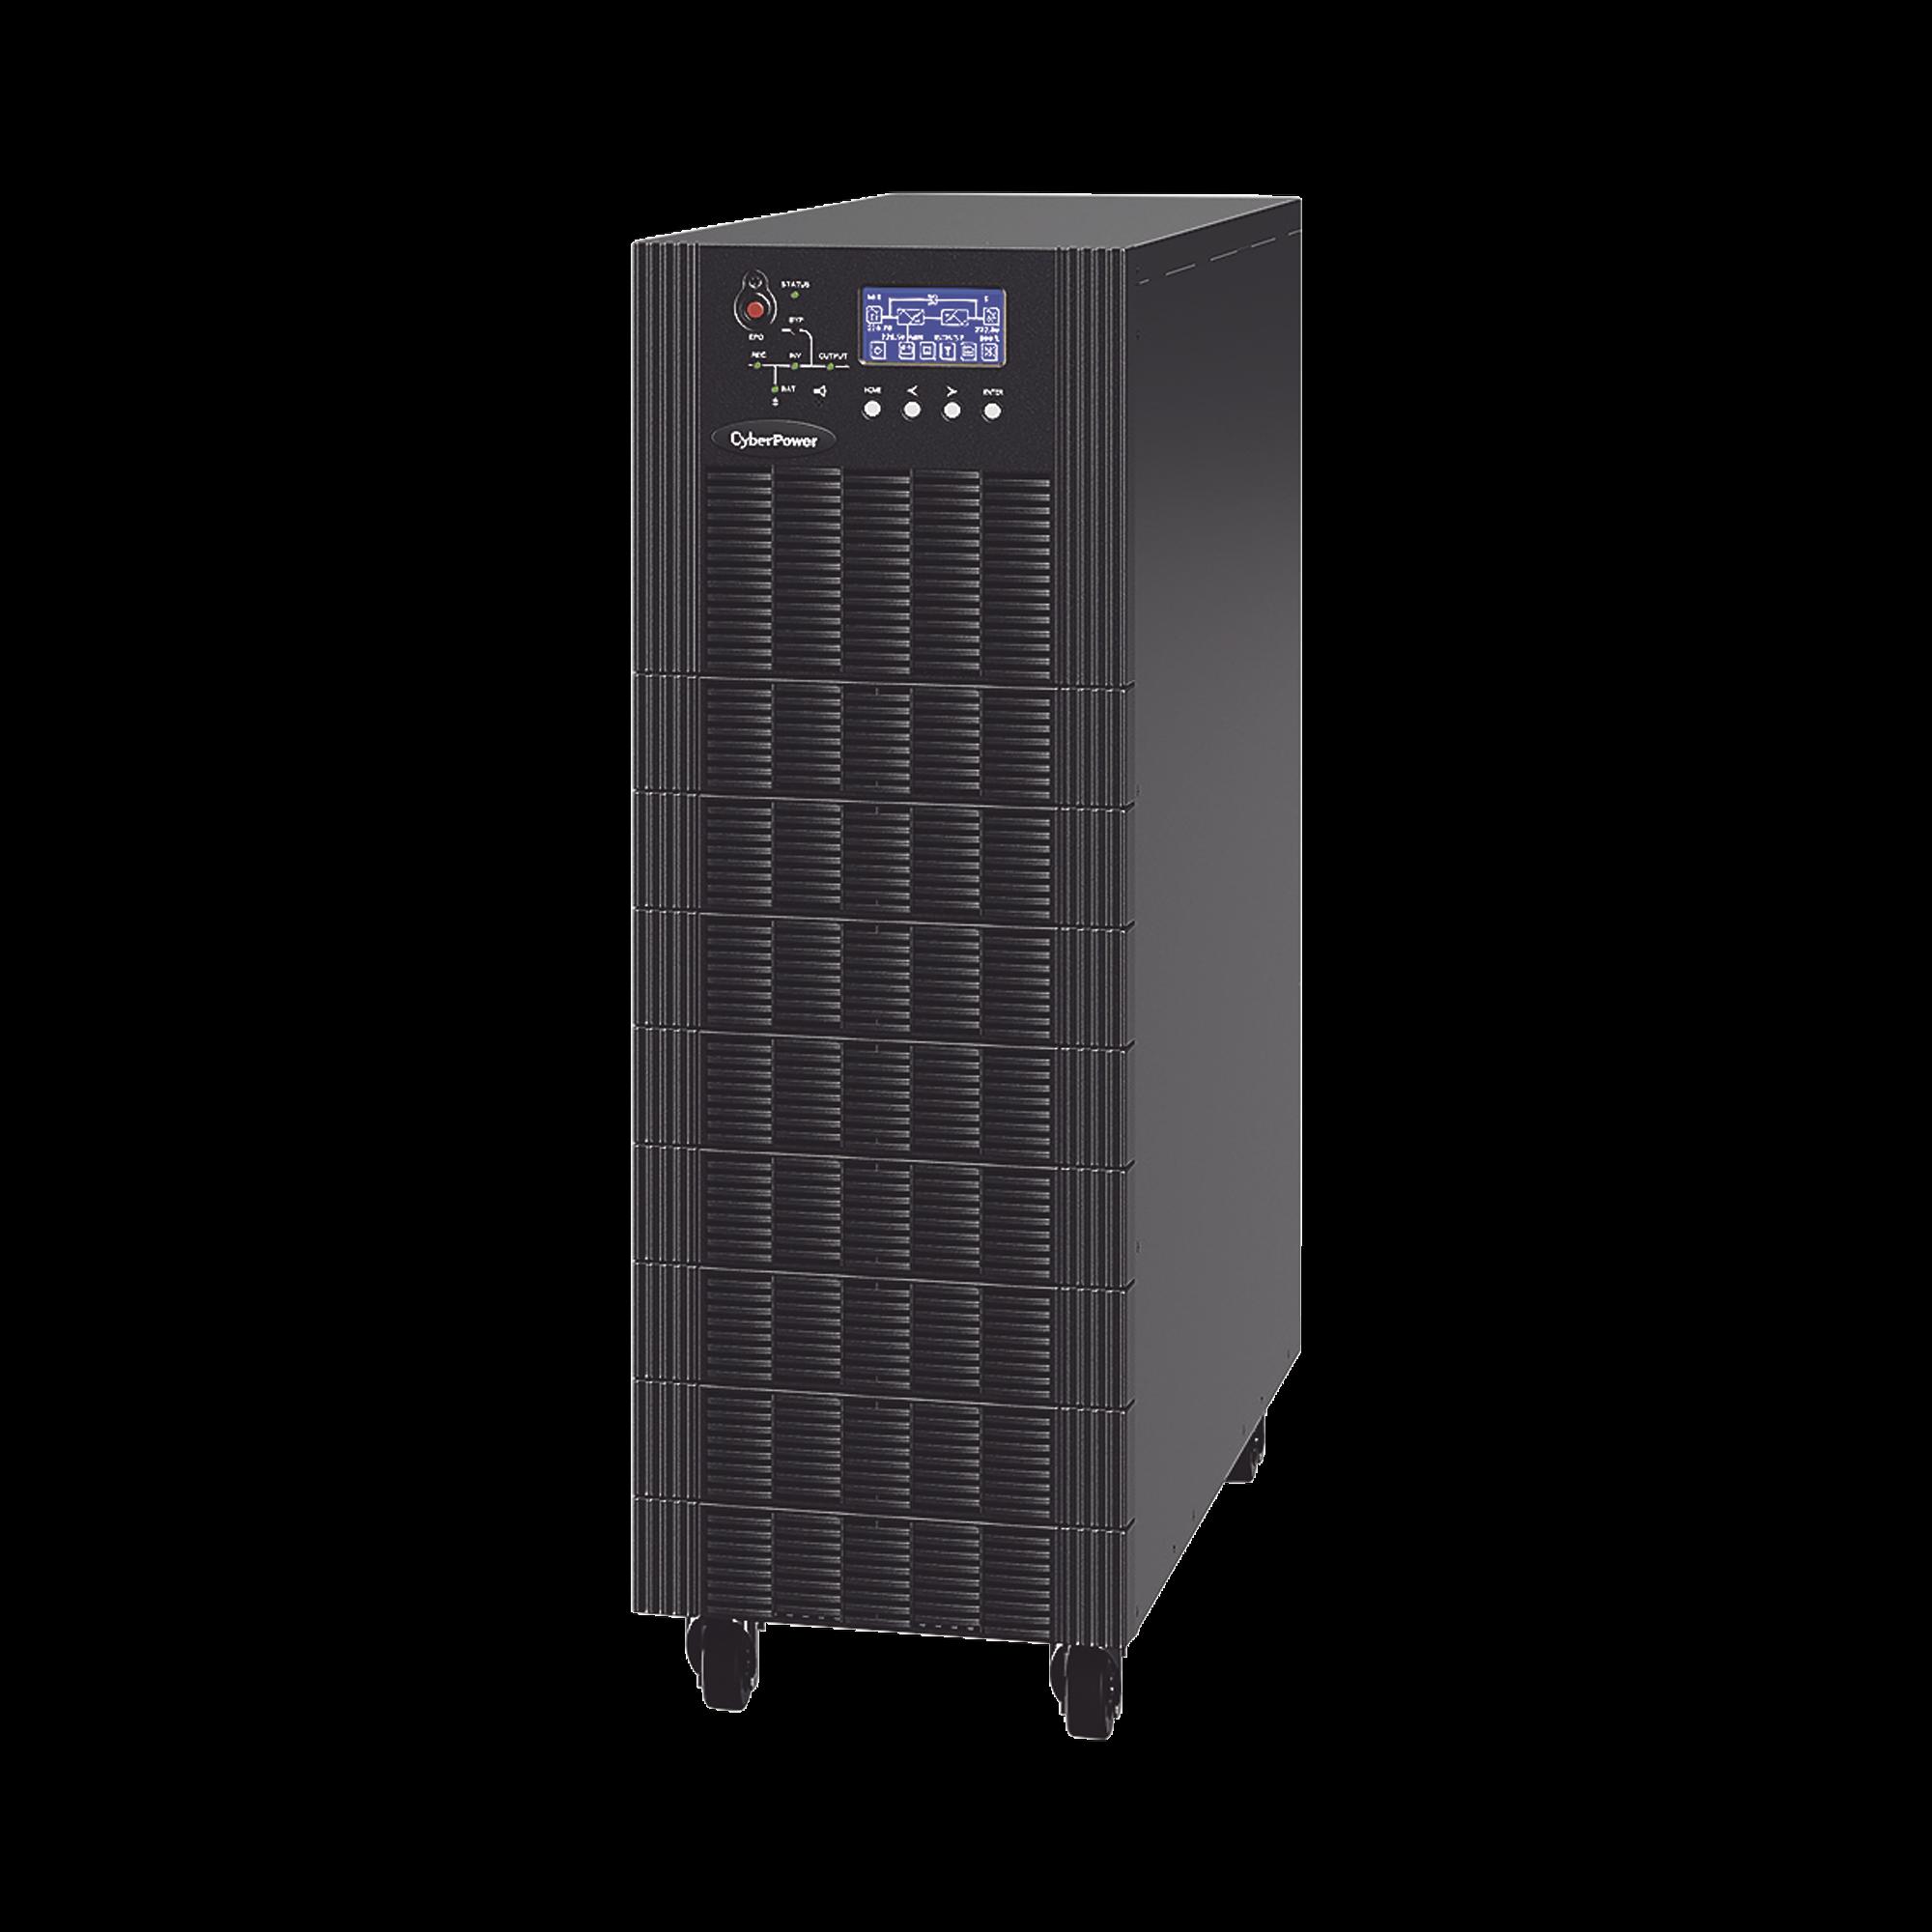 UPS Trifásico de 20 kVA/18 kW, Topología Online Doble Conversión, Voltaje de 208/220 Vca de L-L, Respaldo de 5 Minutos al 100% de Carga, Incluye Módulo y Banco de Baterías